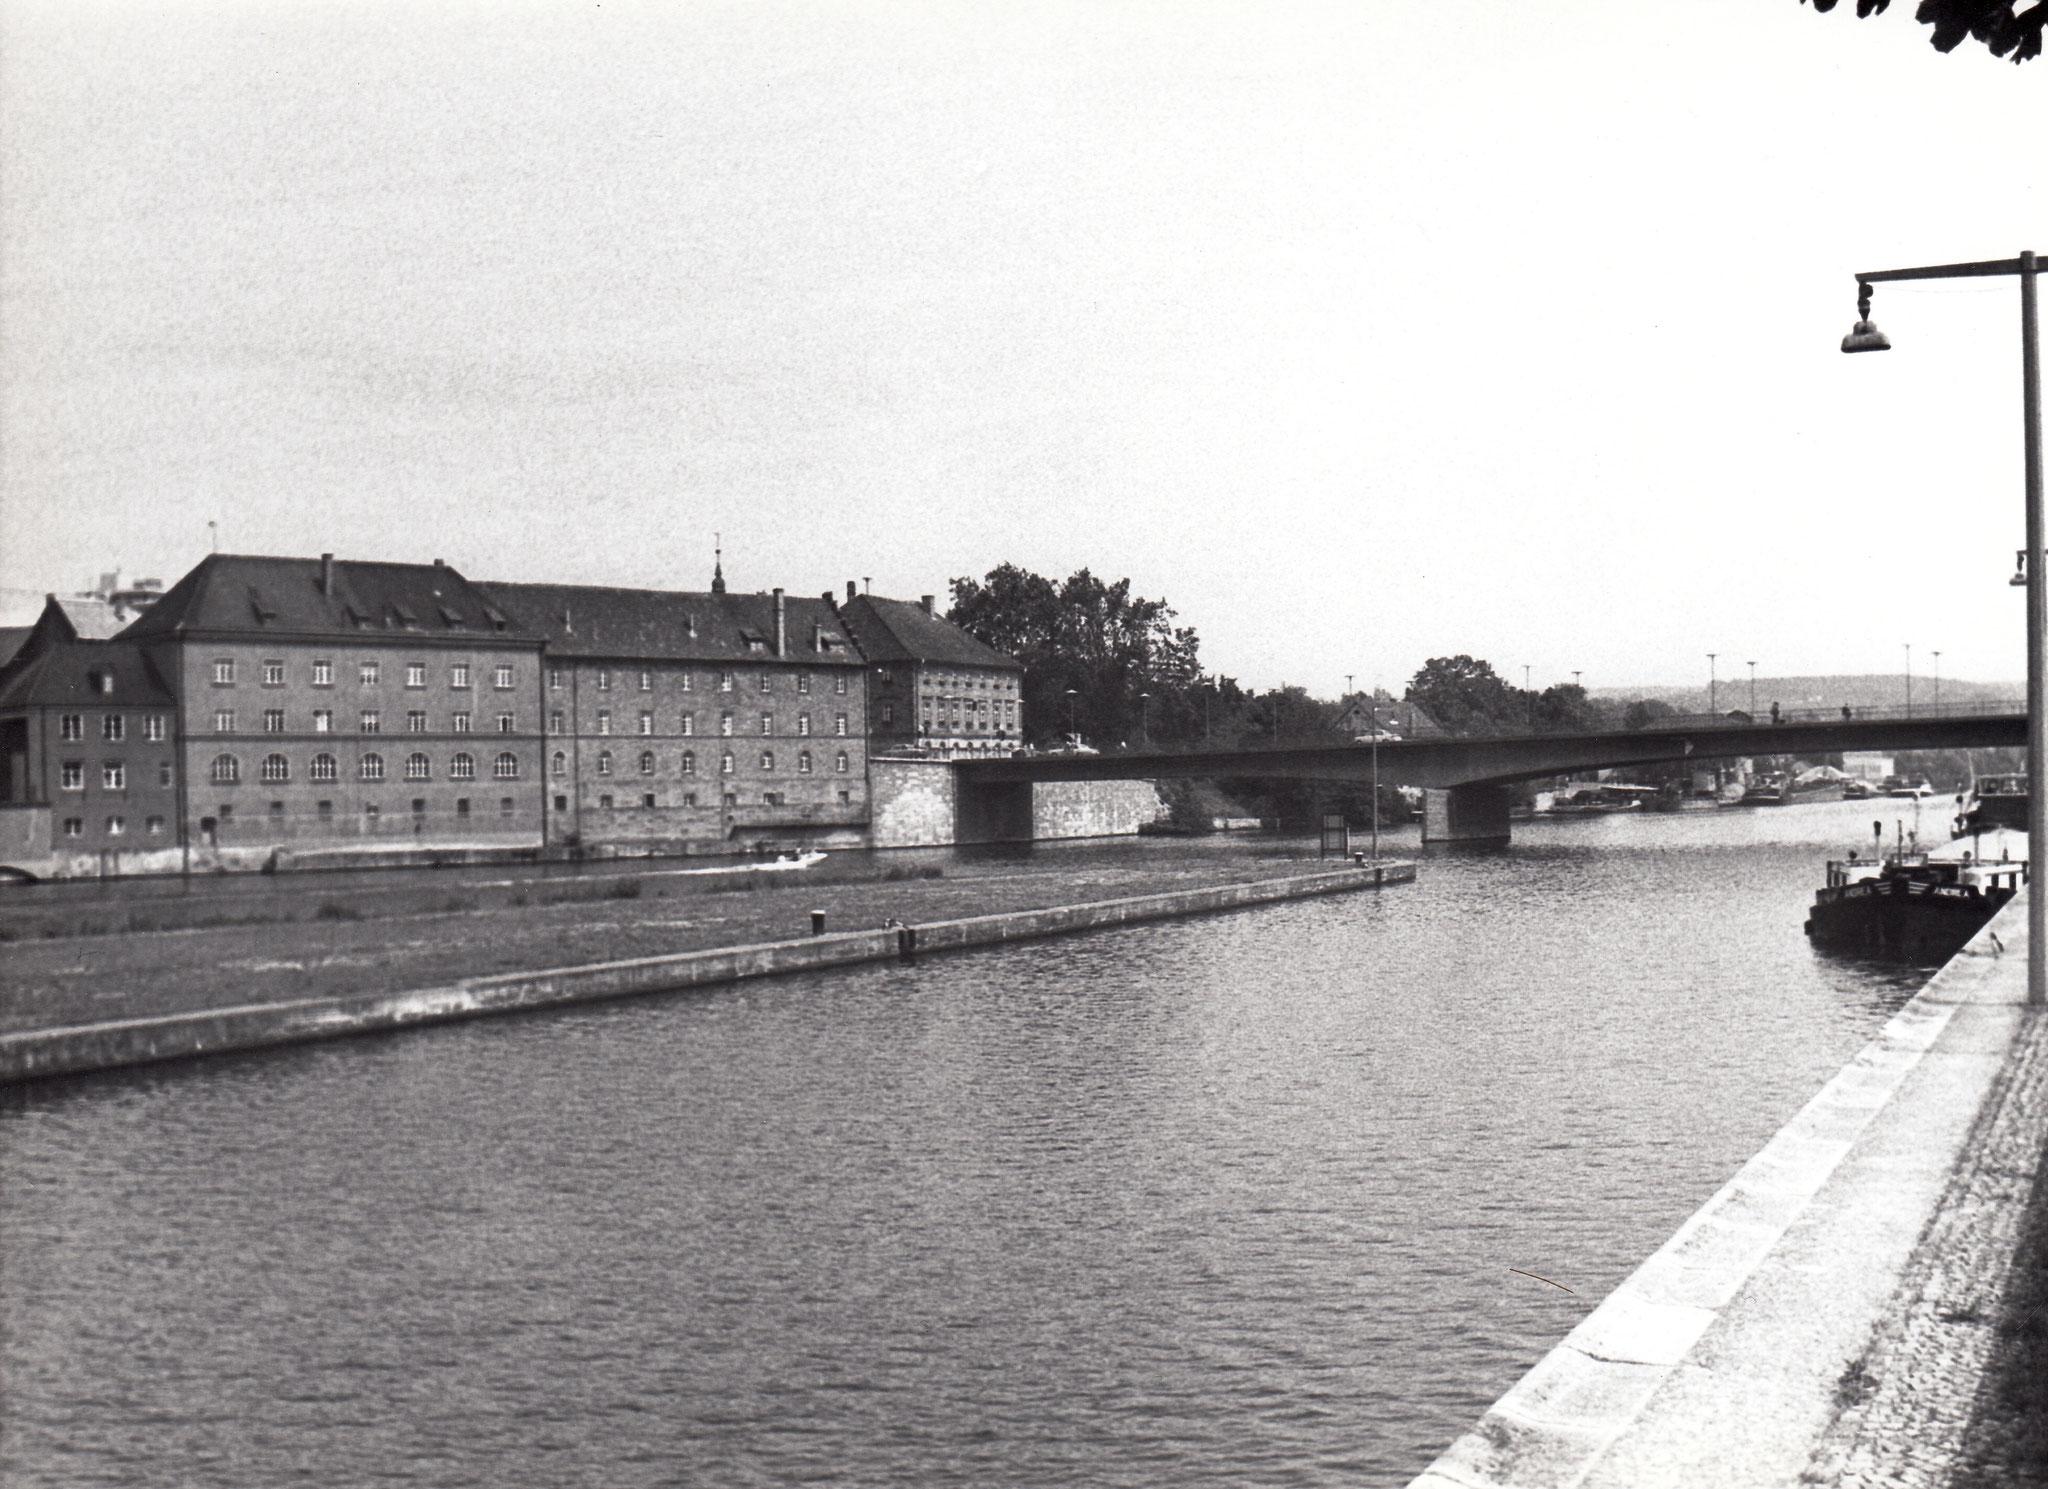 Blick vom einstigen Schlachthof zu Brückenstraße 38-43 Harmoniegebäude und Maxbrücke